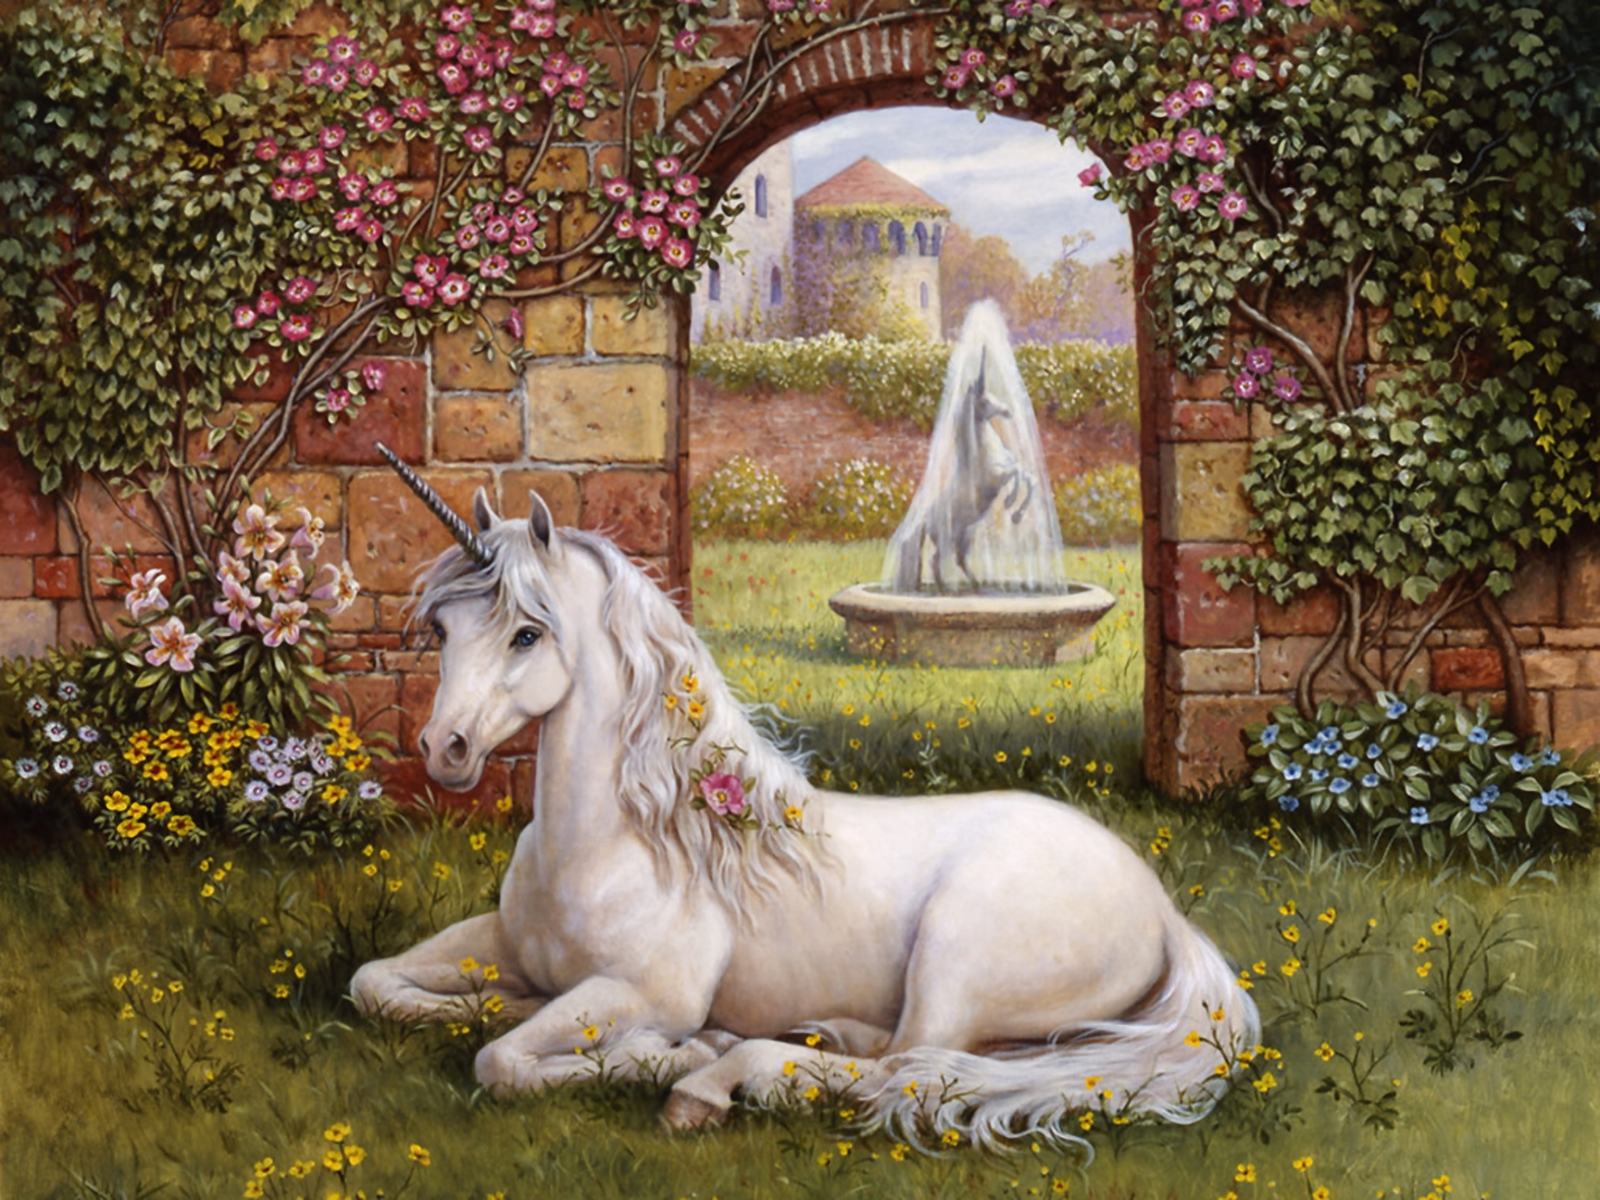 bello unicornio en jard n imagenes y carteles